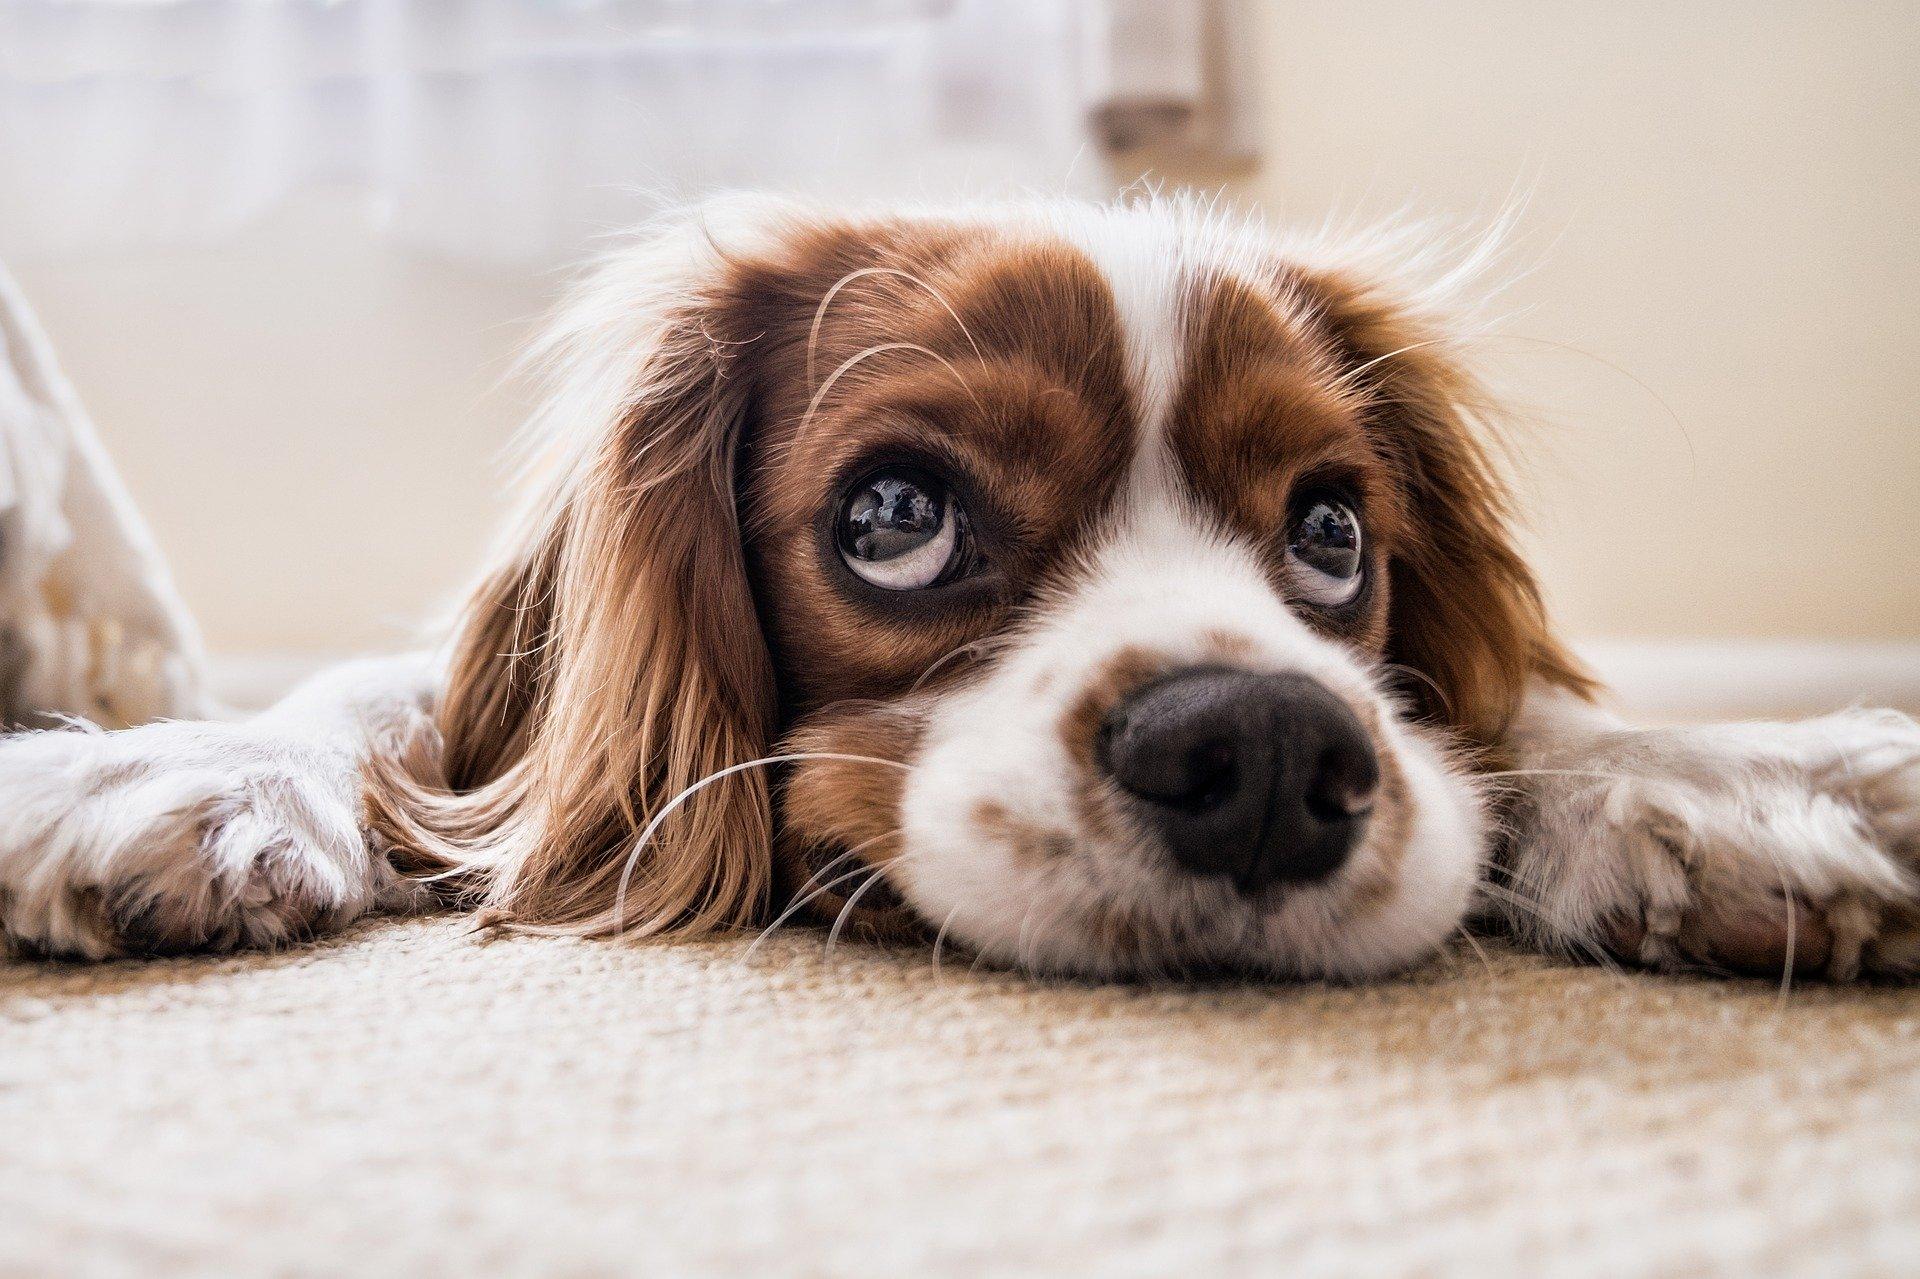 Los cambios en la dieta pueden provocar cólicos a los perros